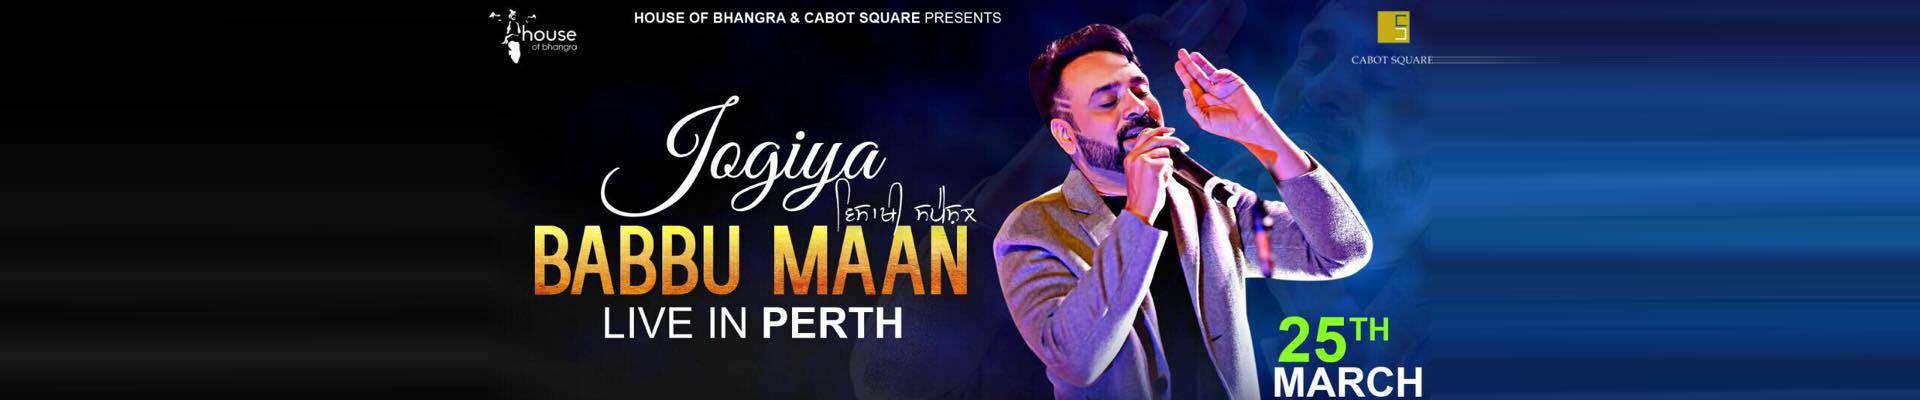 Babbu Maan Live In Perth 2017